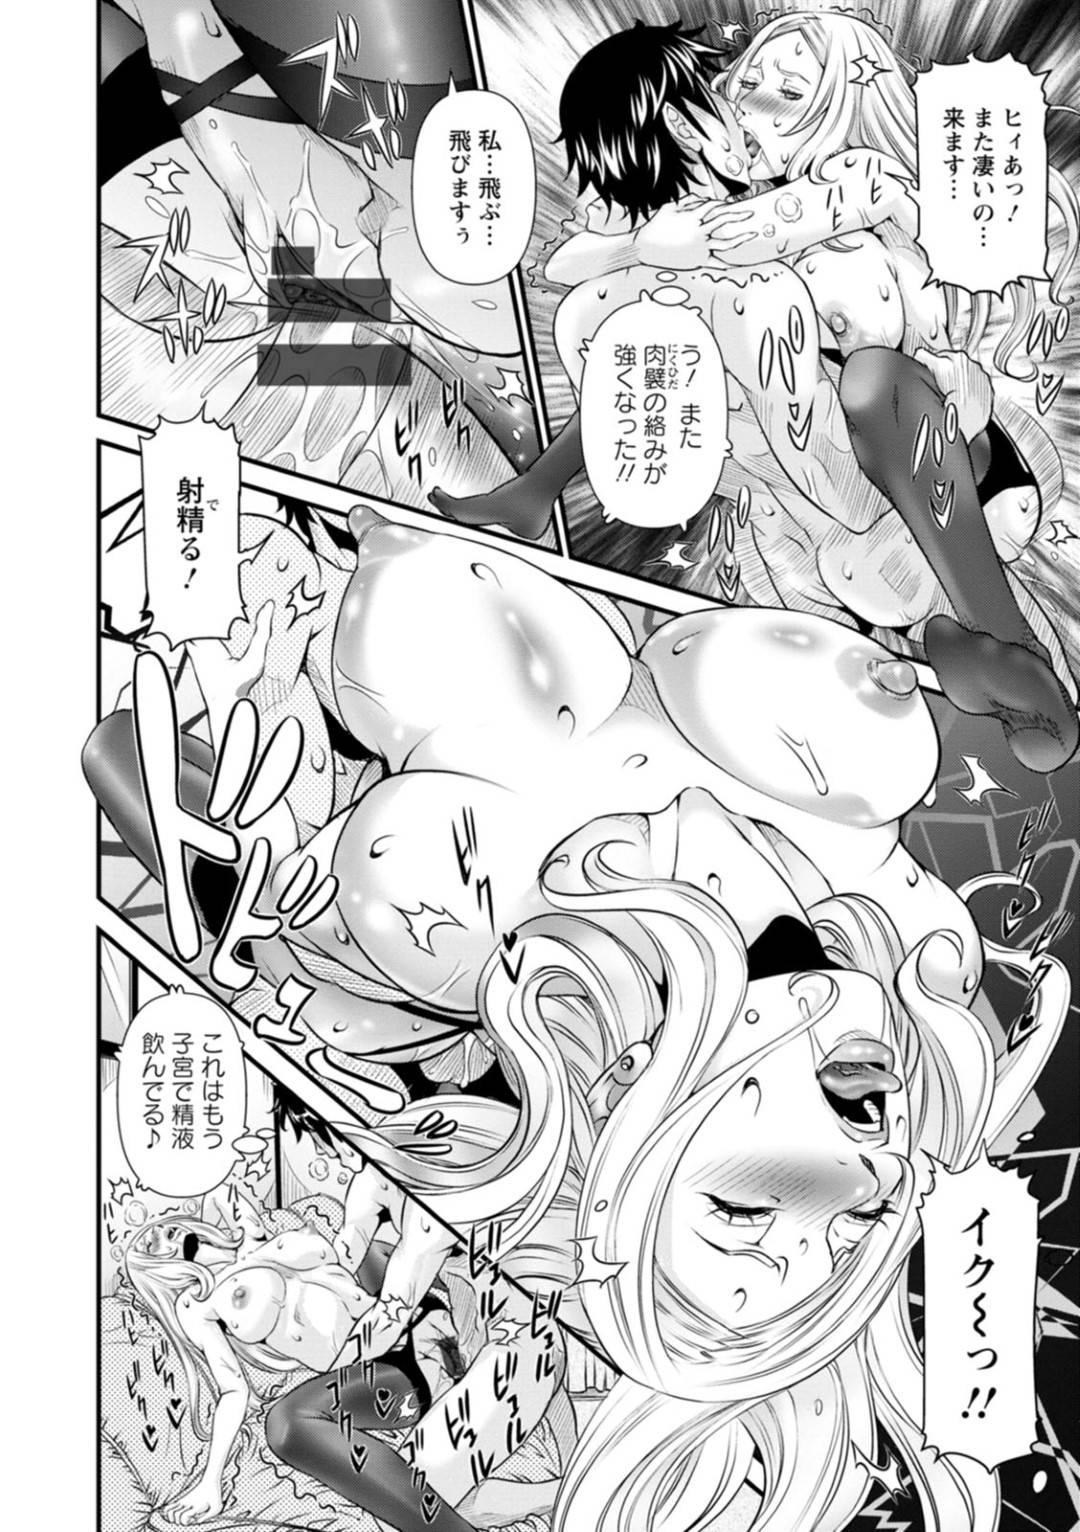 【エロ漫画】シークレットセックスルームにメイドと共に現れたお嬢様のマリア…欲求不満な彼女は主人公に頼ってセックスすることになるが、バックや対面座位などの体位でチンポを生挿入されてアクメ絶頂しまくる。【笑花偽:SSR シークレットセックスルーム~会員No5 財前マリア 26歳~】